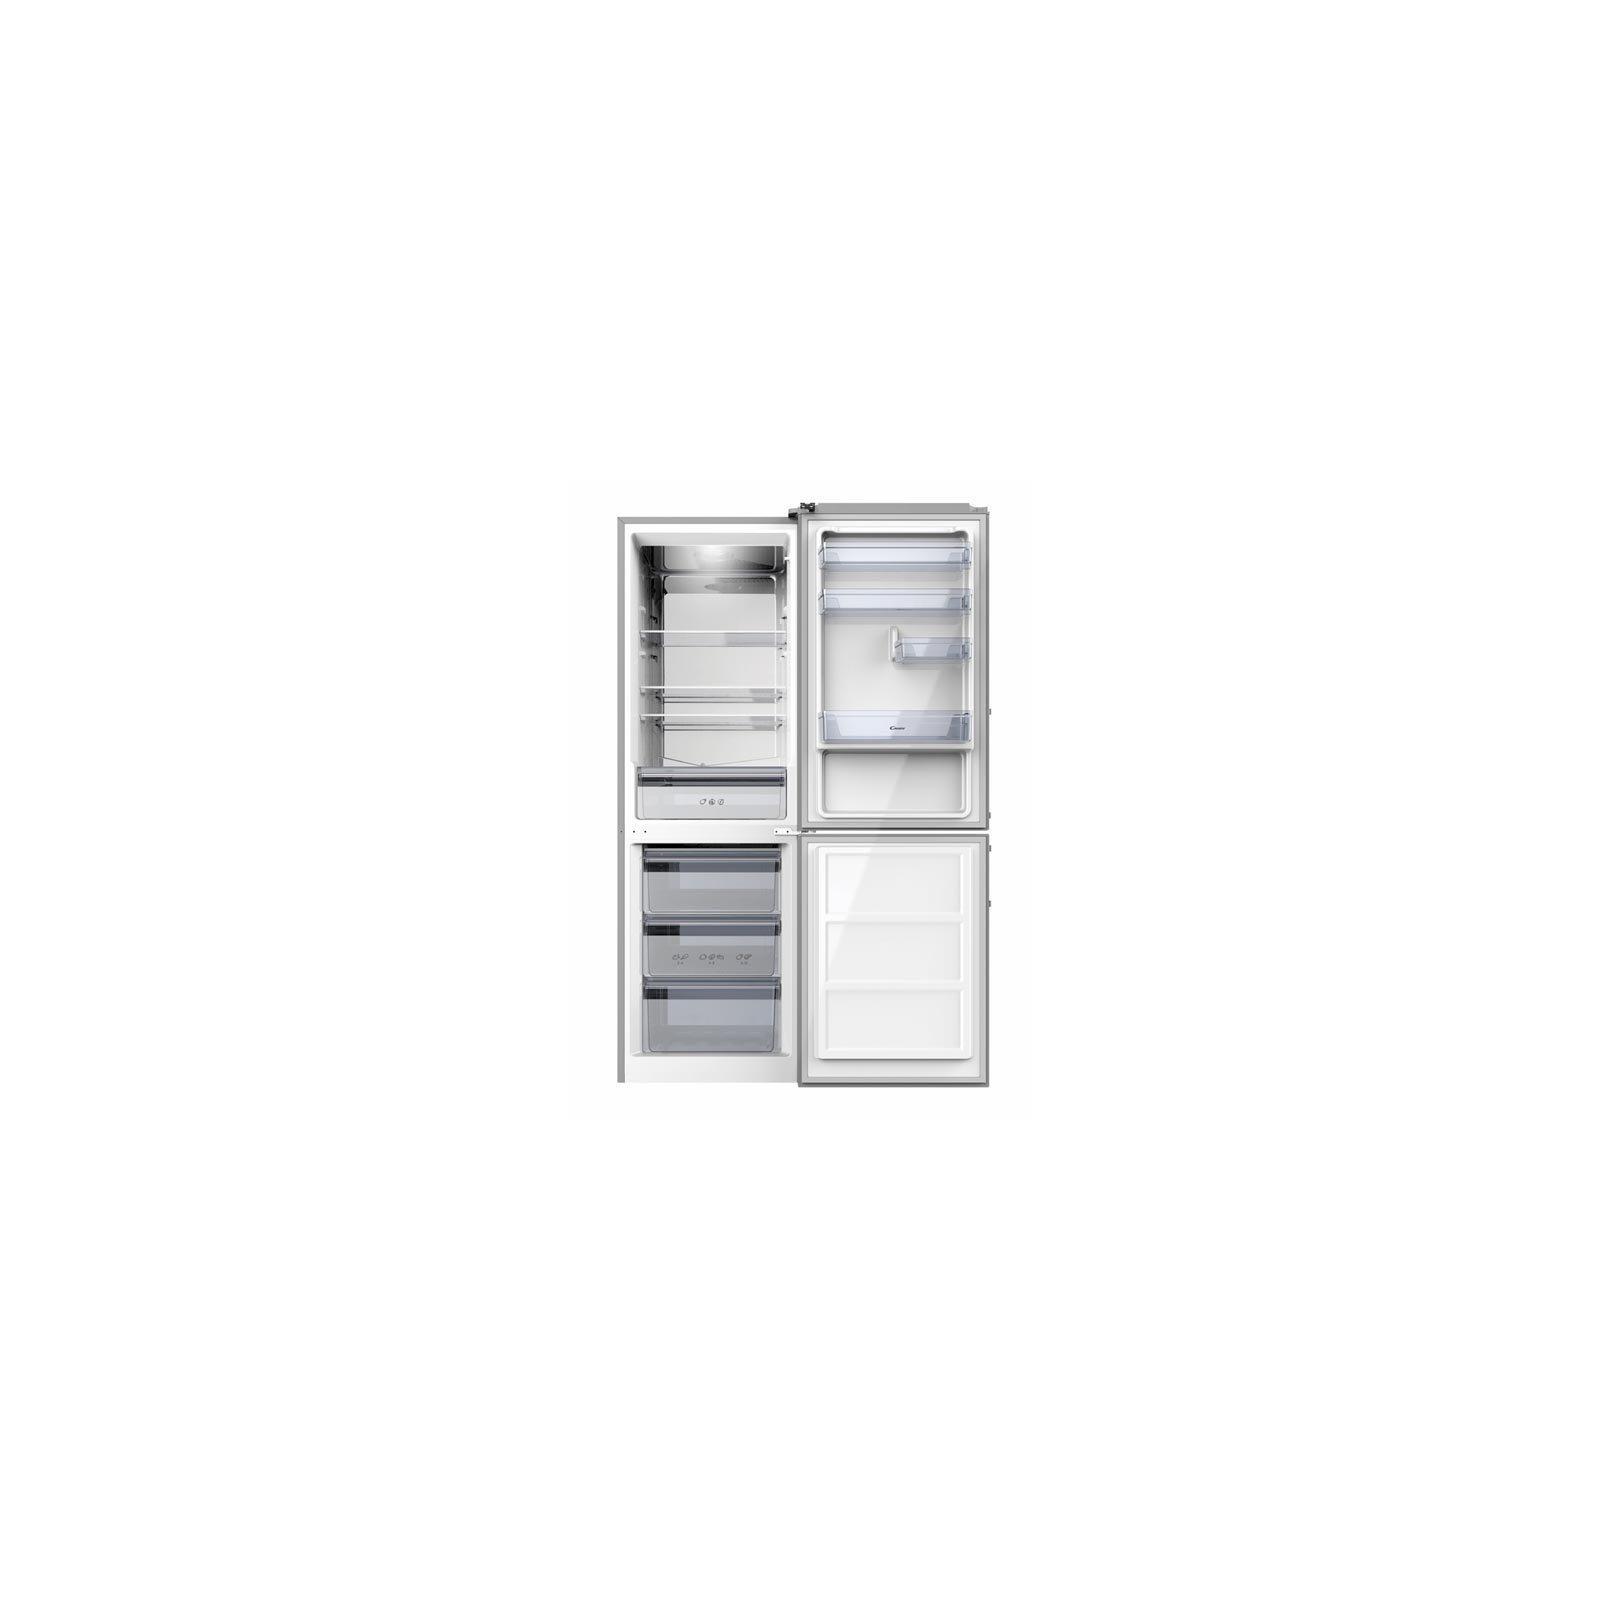 Холодильник CANDY CSSM6182XH изображение 2